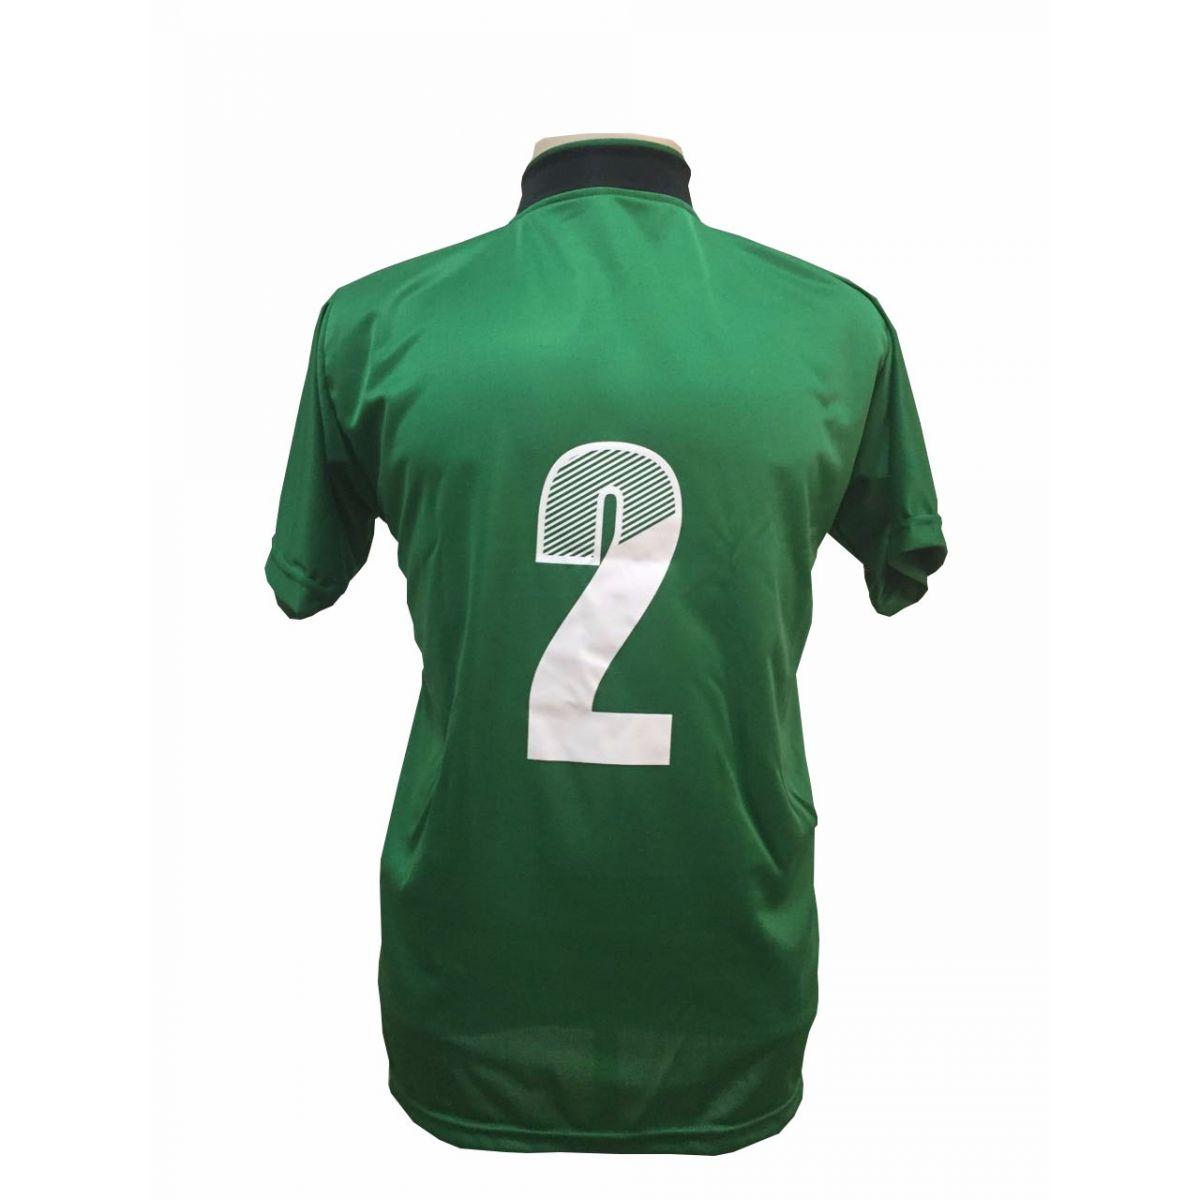 Jogo de Camisa com 14 unidades modelo Palermo Verde/Preto + Brindes